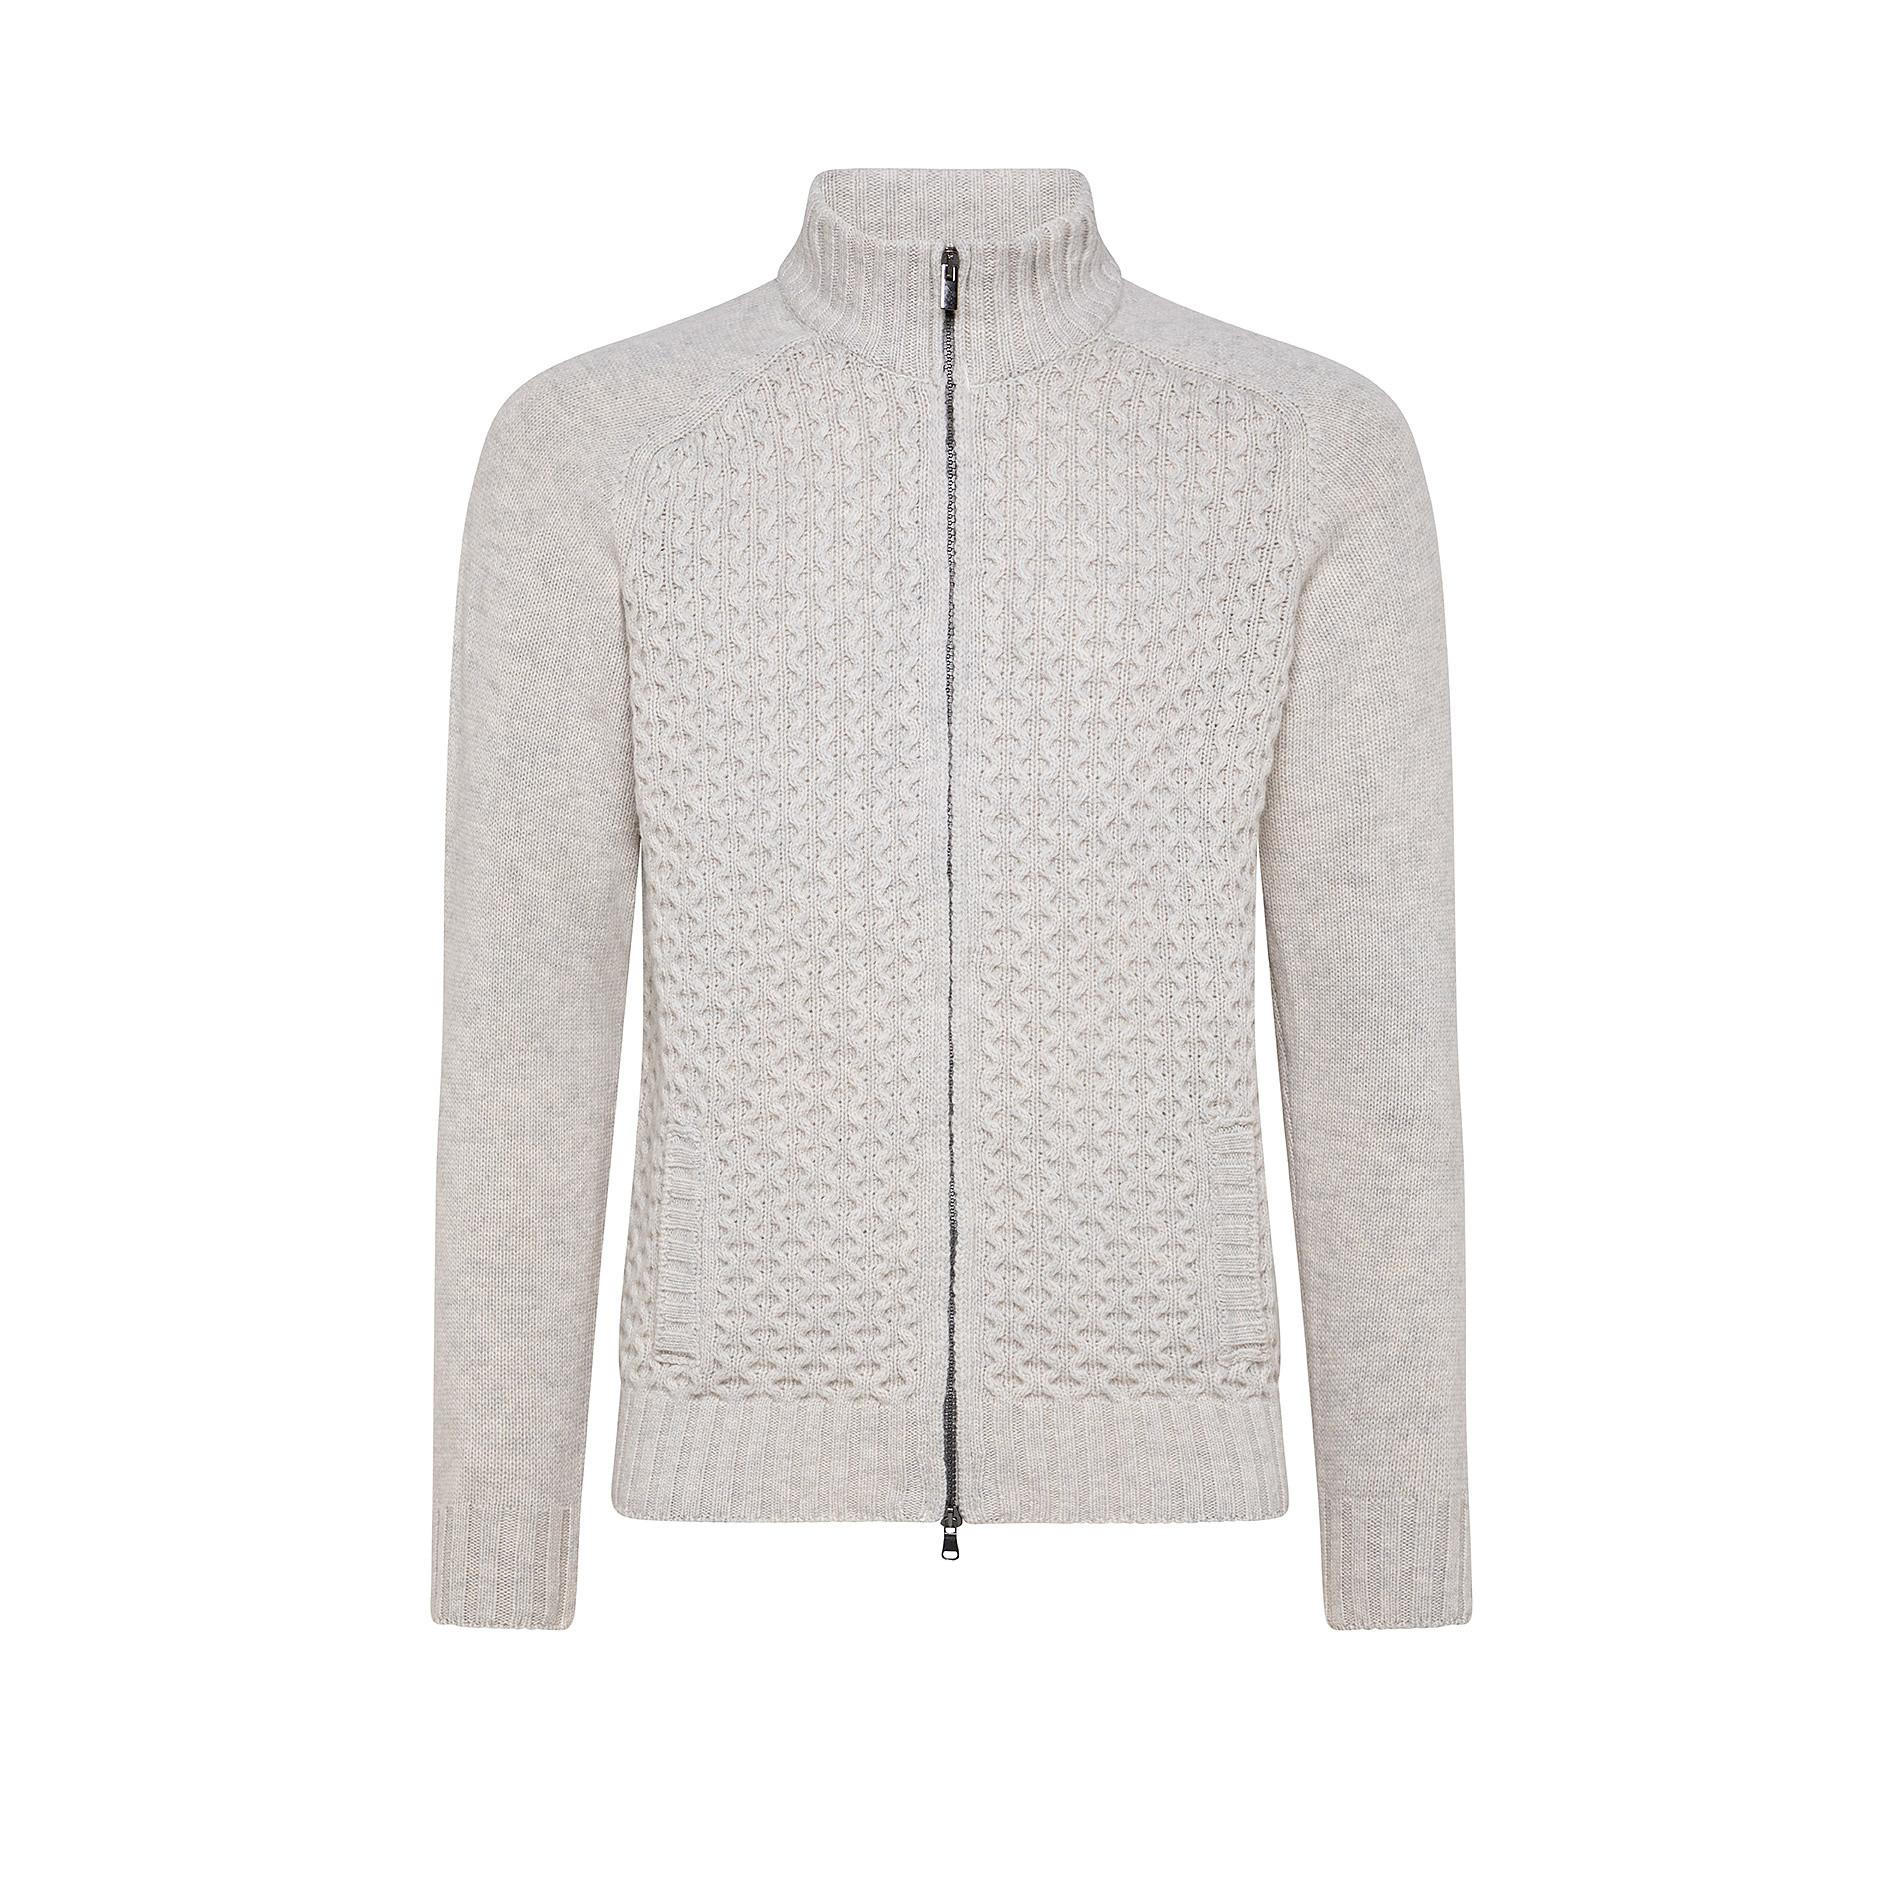 Cardigan collo alto in misto lana motivo trecce, Grigio chiaro, large image number 0